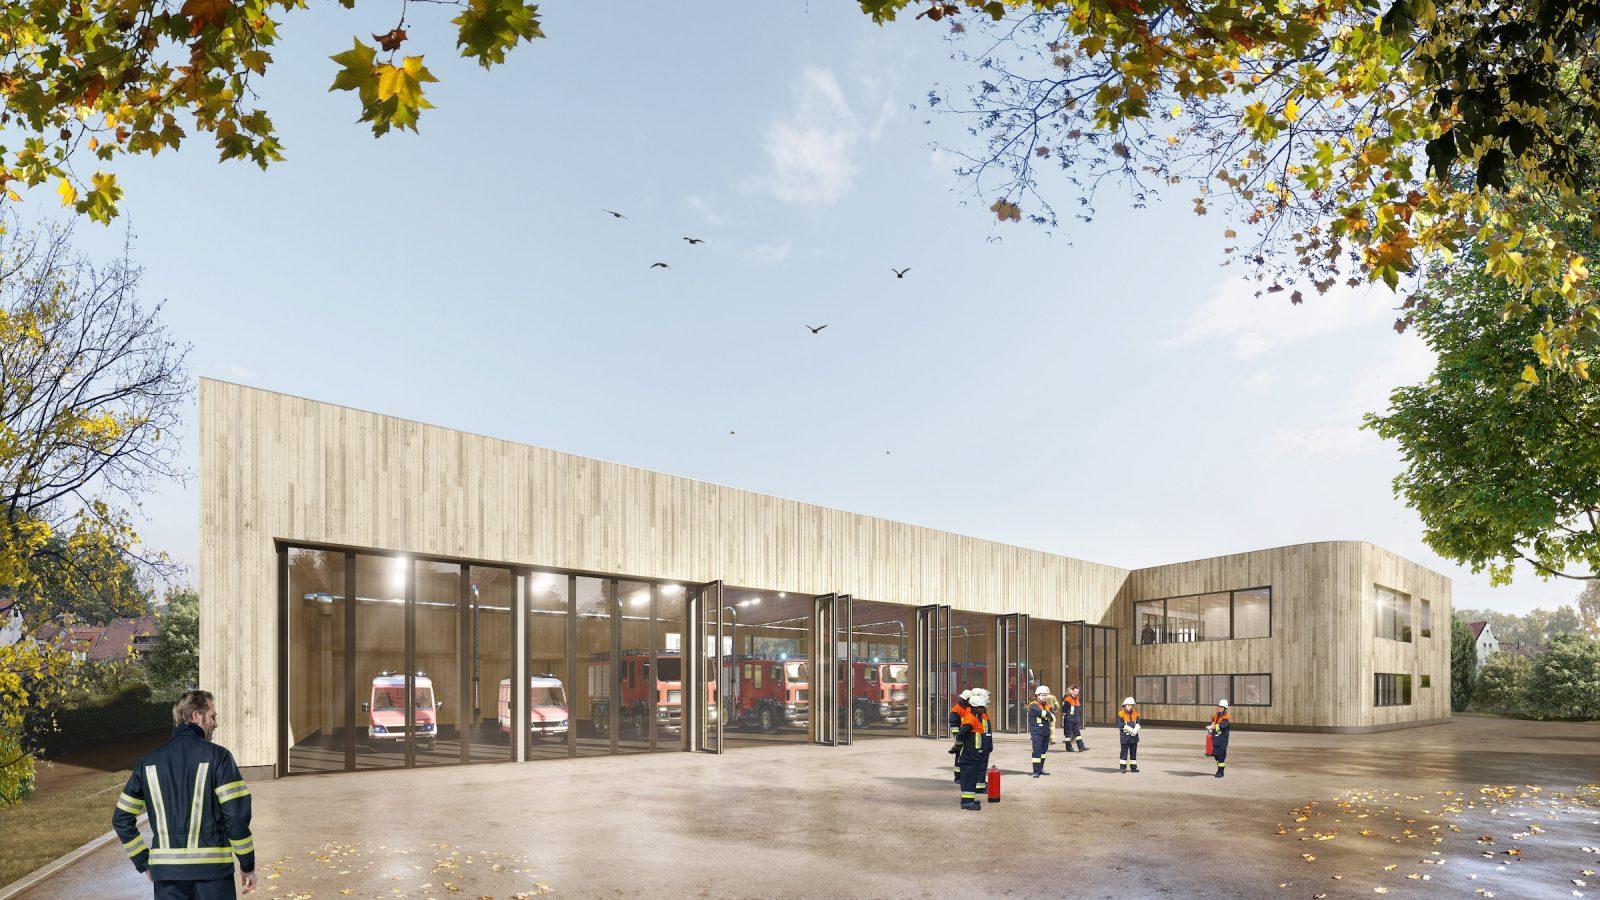 Gaus Architekten bauen in Tübingen ein Feuerwehrhaus aus Holz. Hier die Fahrzeughalle und Hallenausfahrt (Bild: Gaus Architekten)